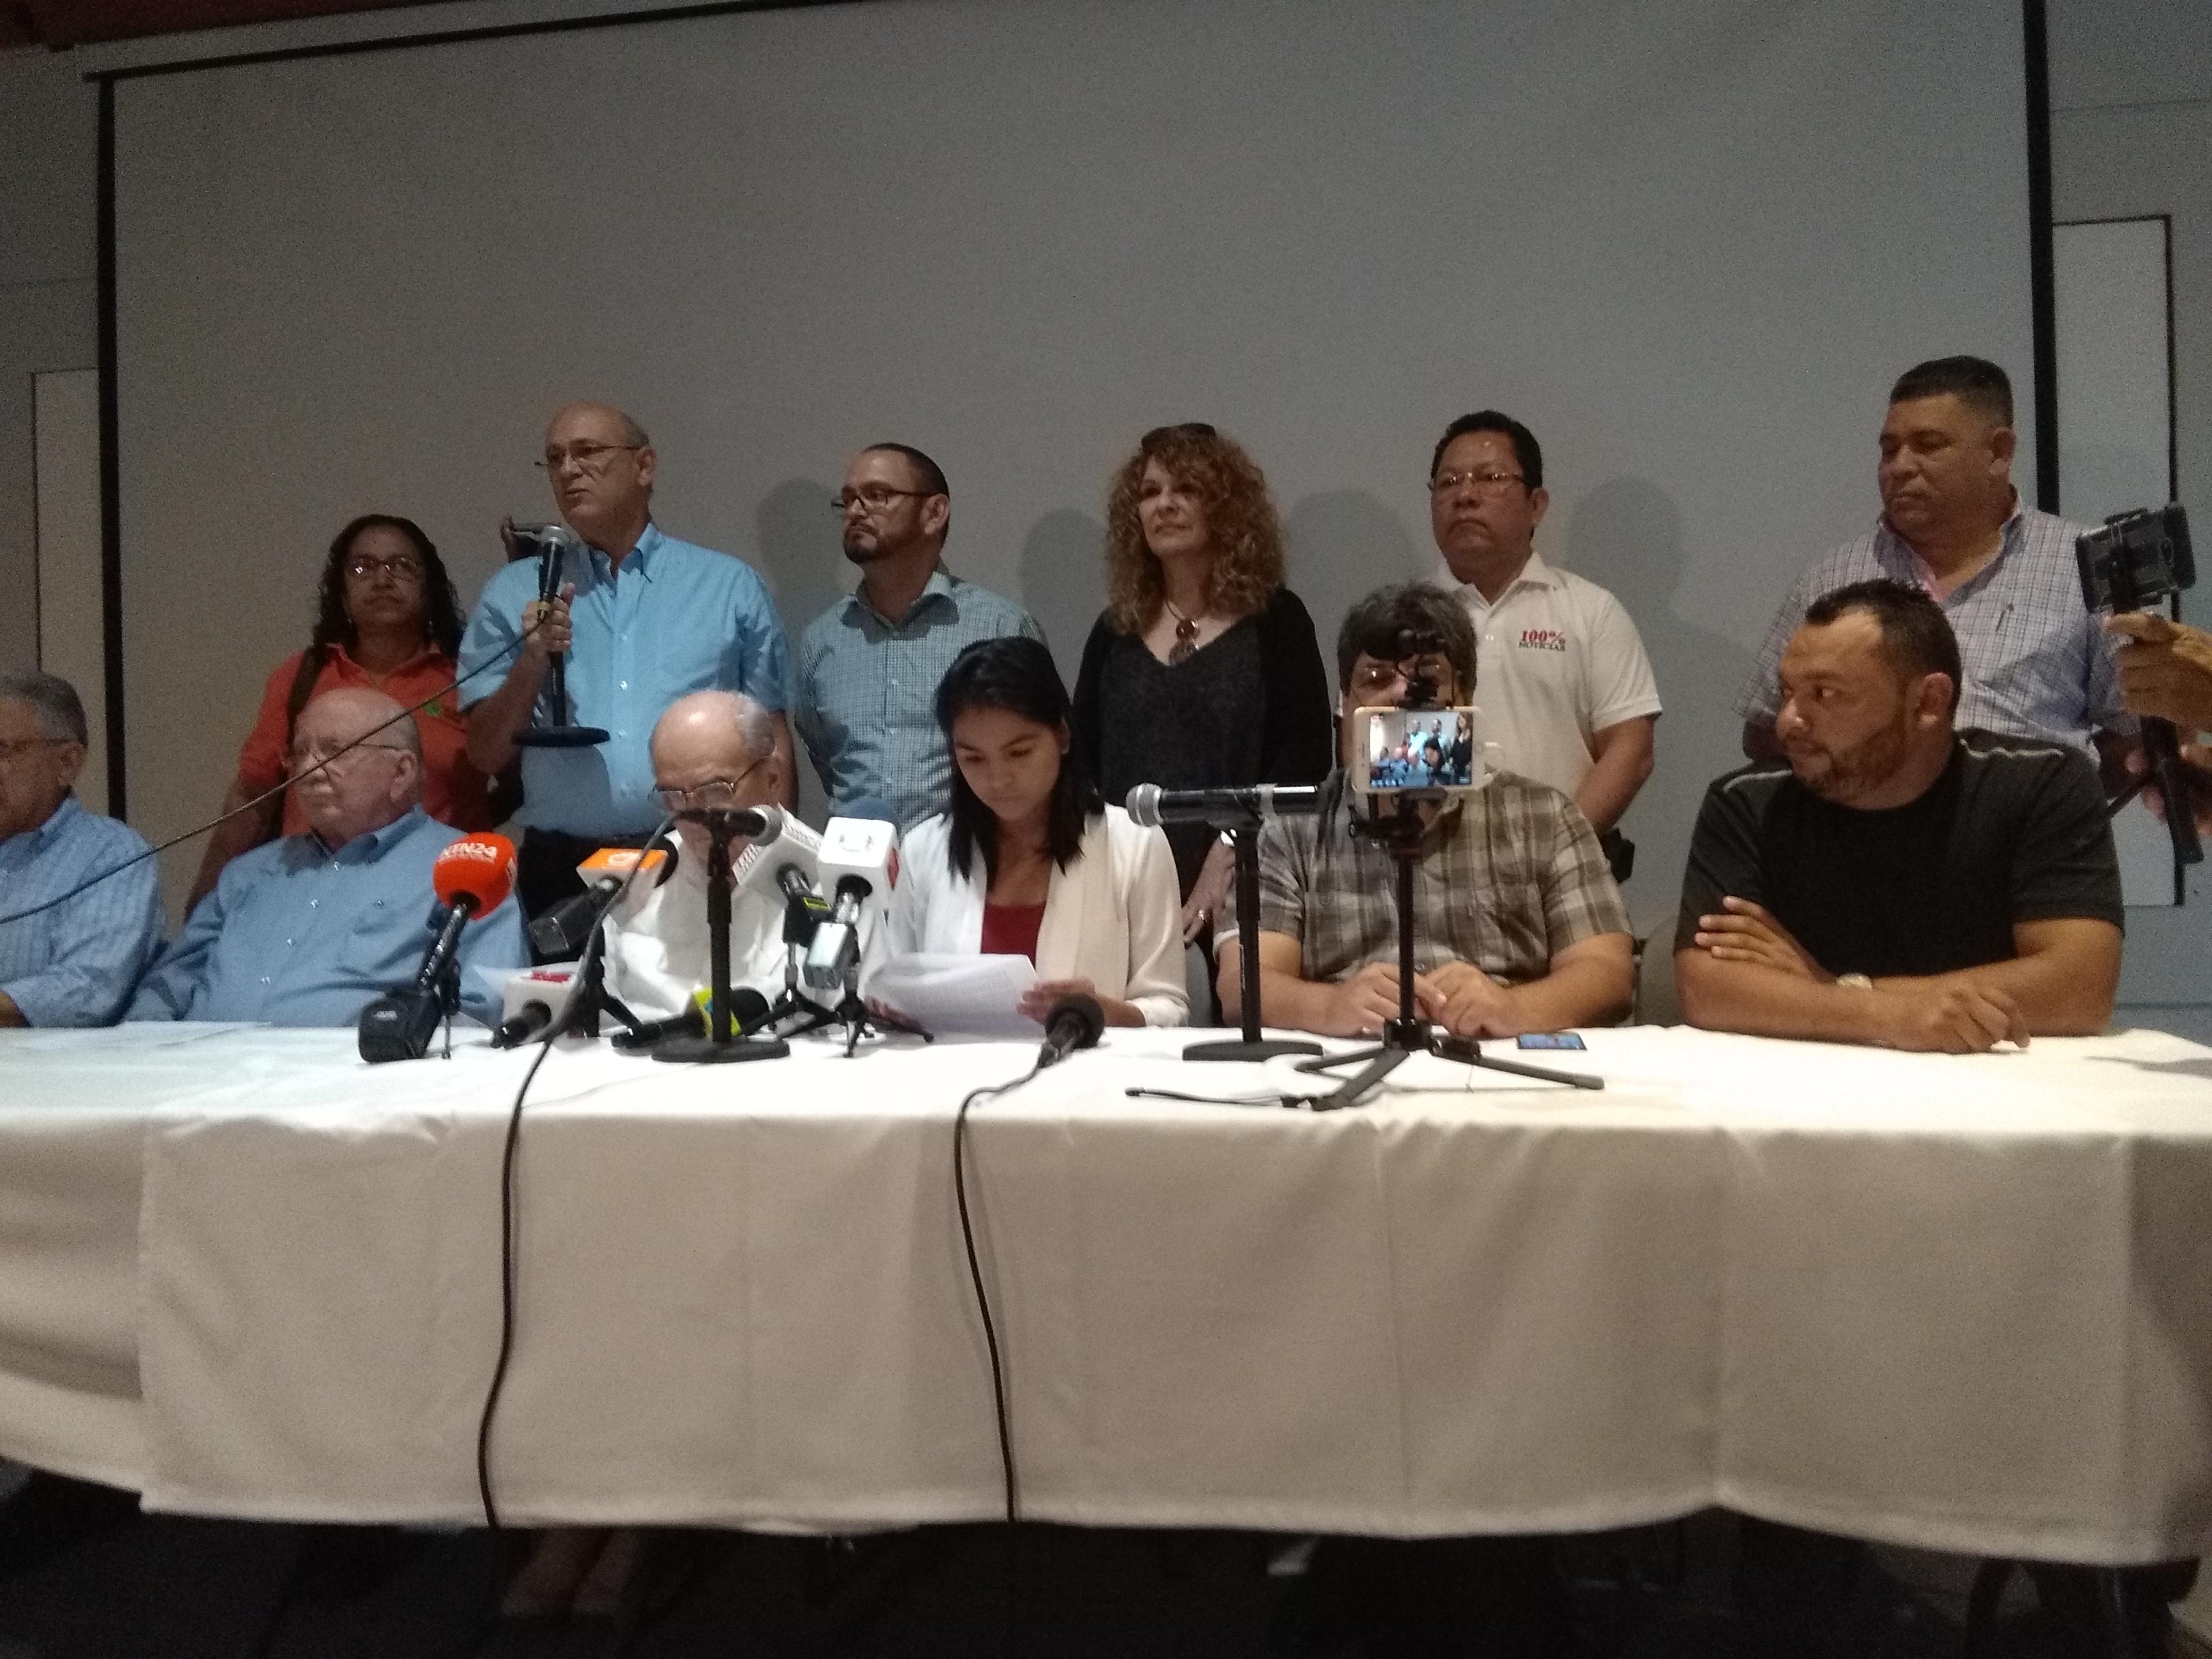 Periodistas y medios independientes se pronuncian ante el recrudecimiento de la represión y violencia. Foto: A. Cruz